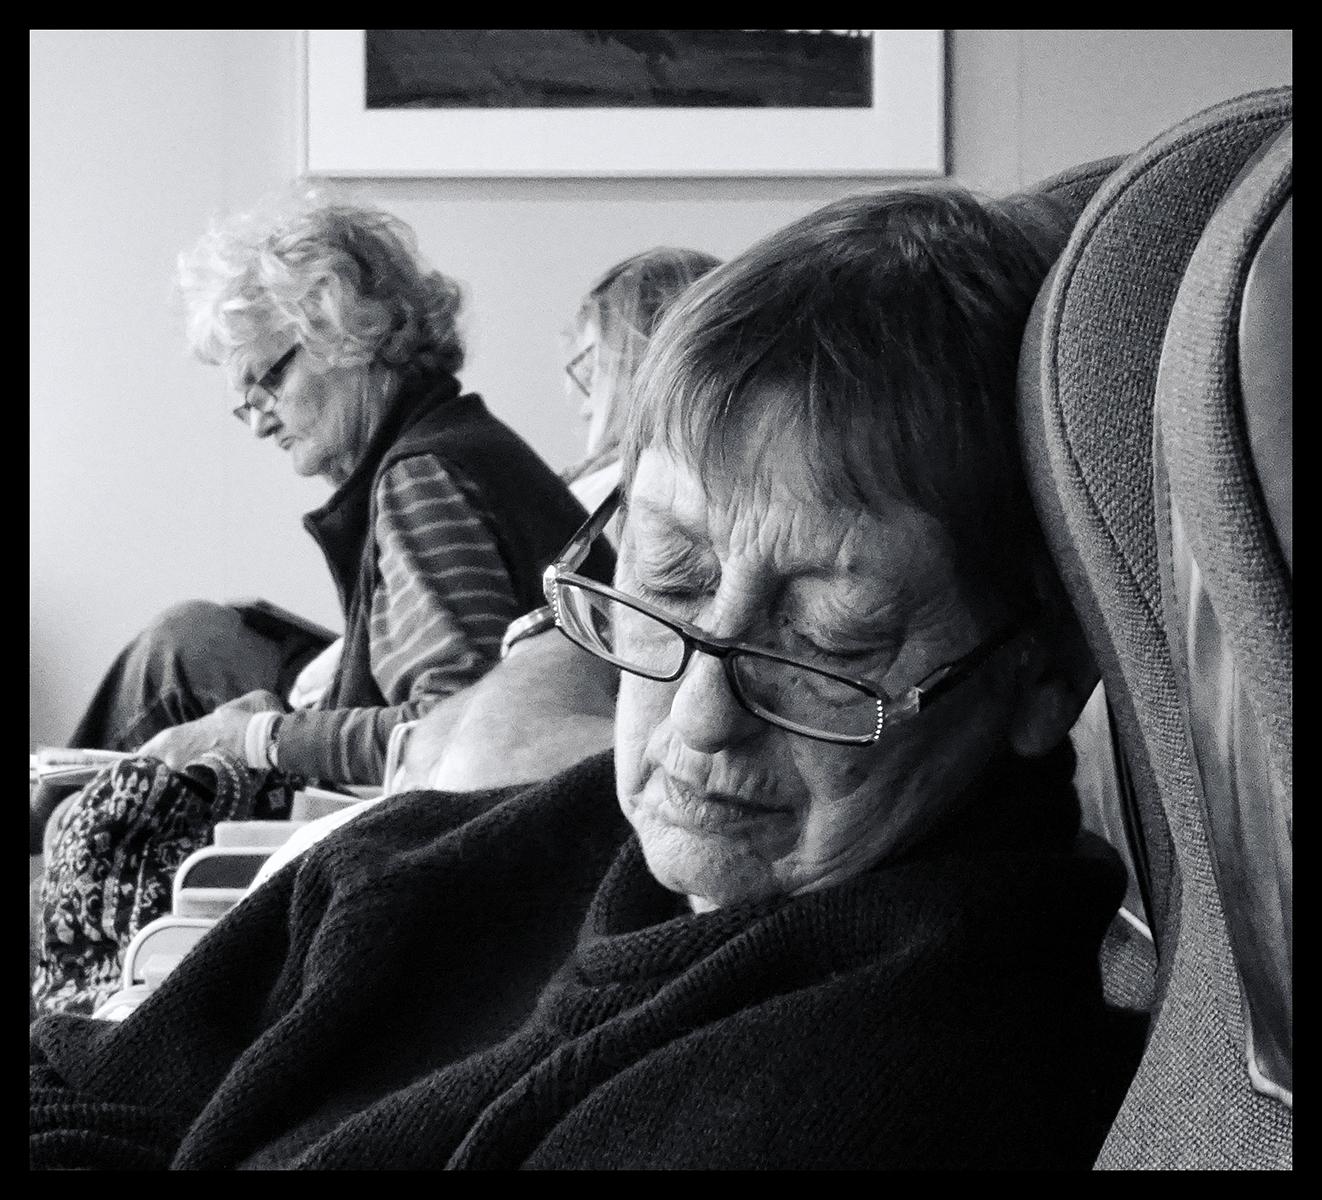 Sleeping Reader 2 by sags